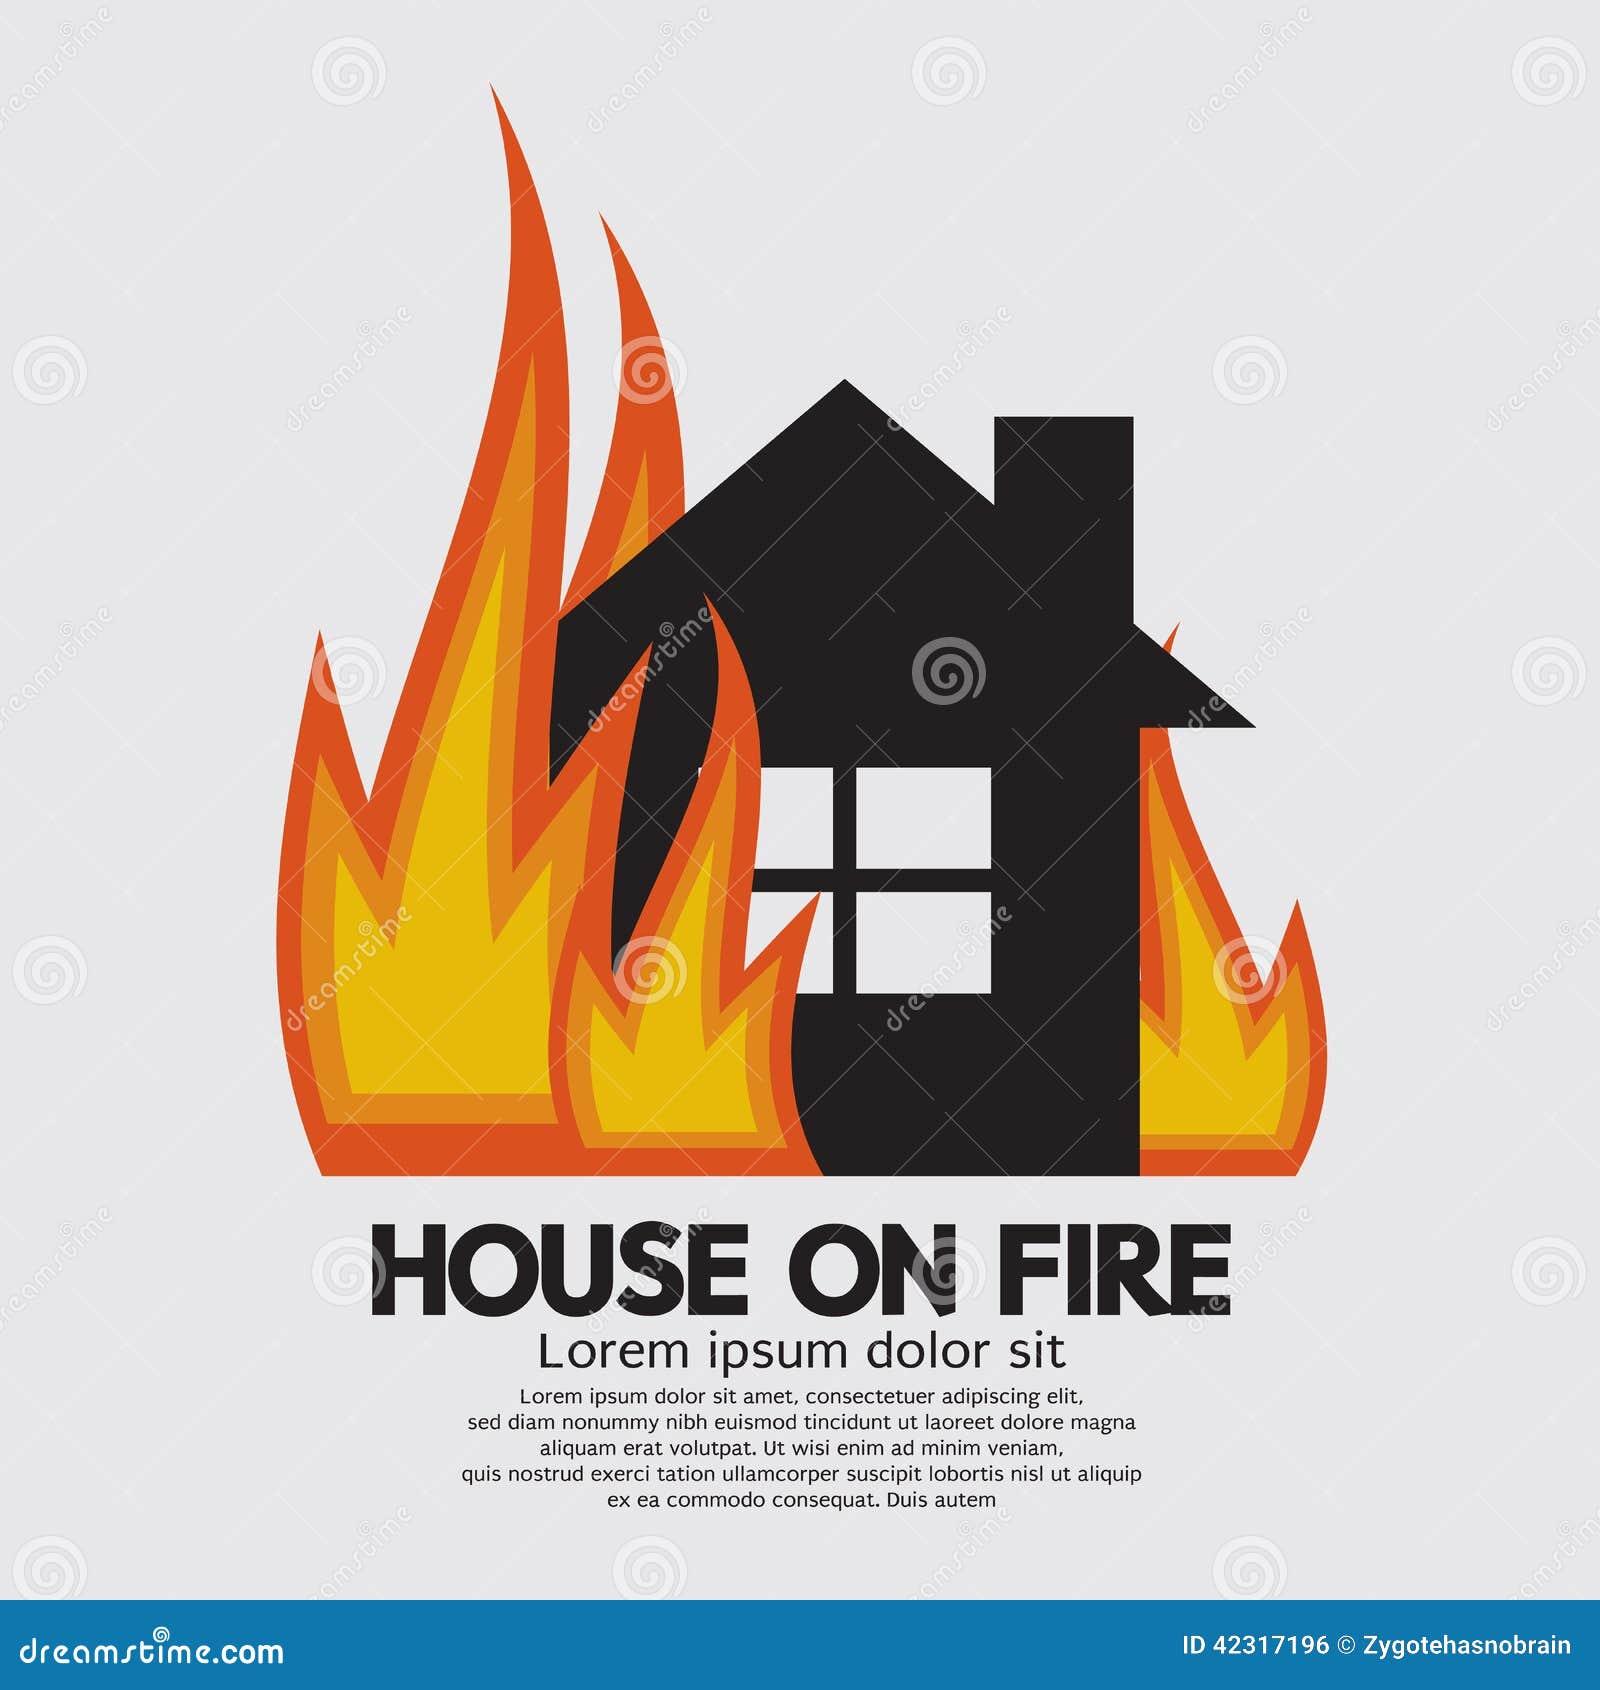 clipart burning house - photo #24